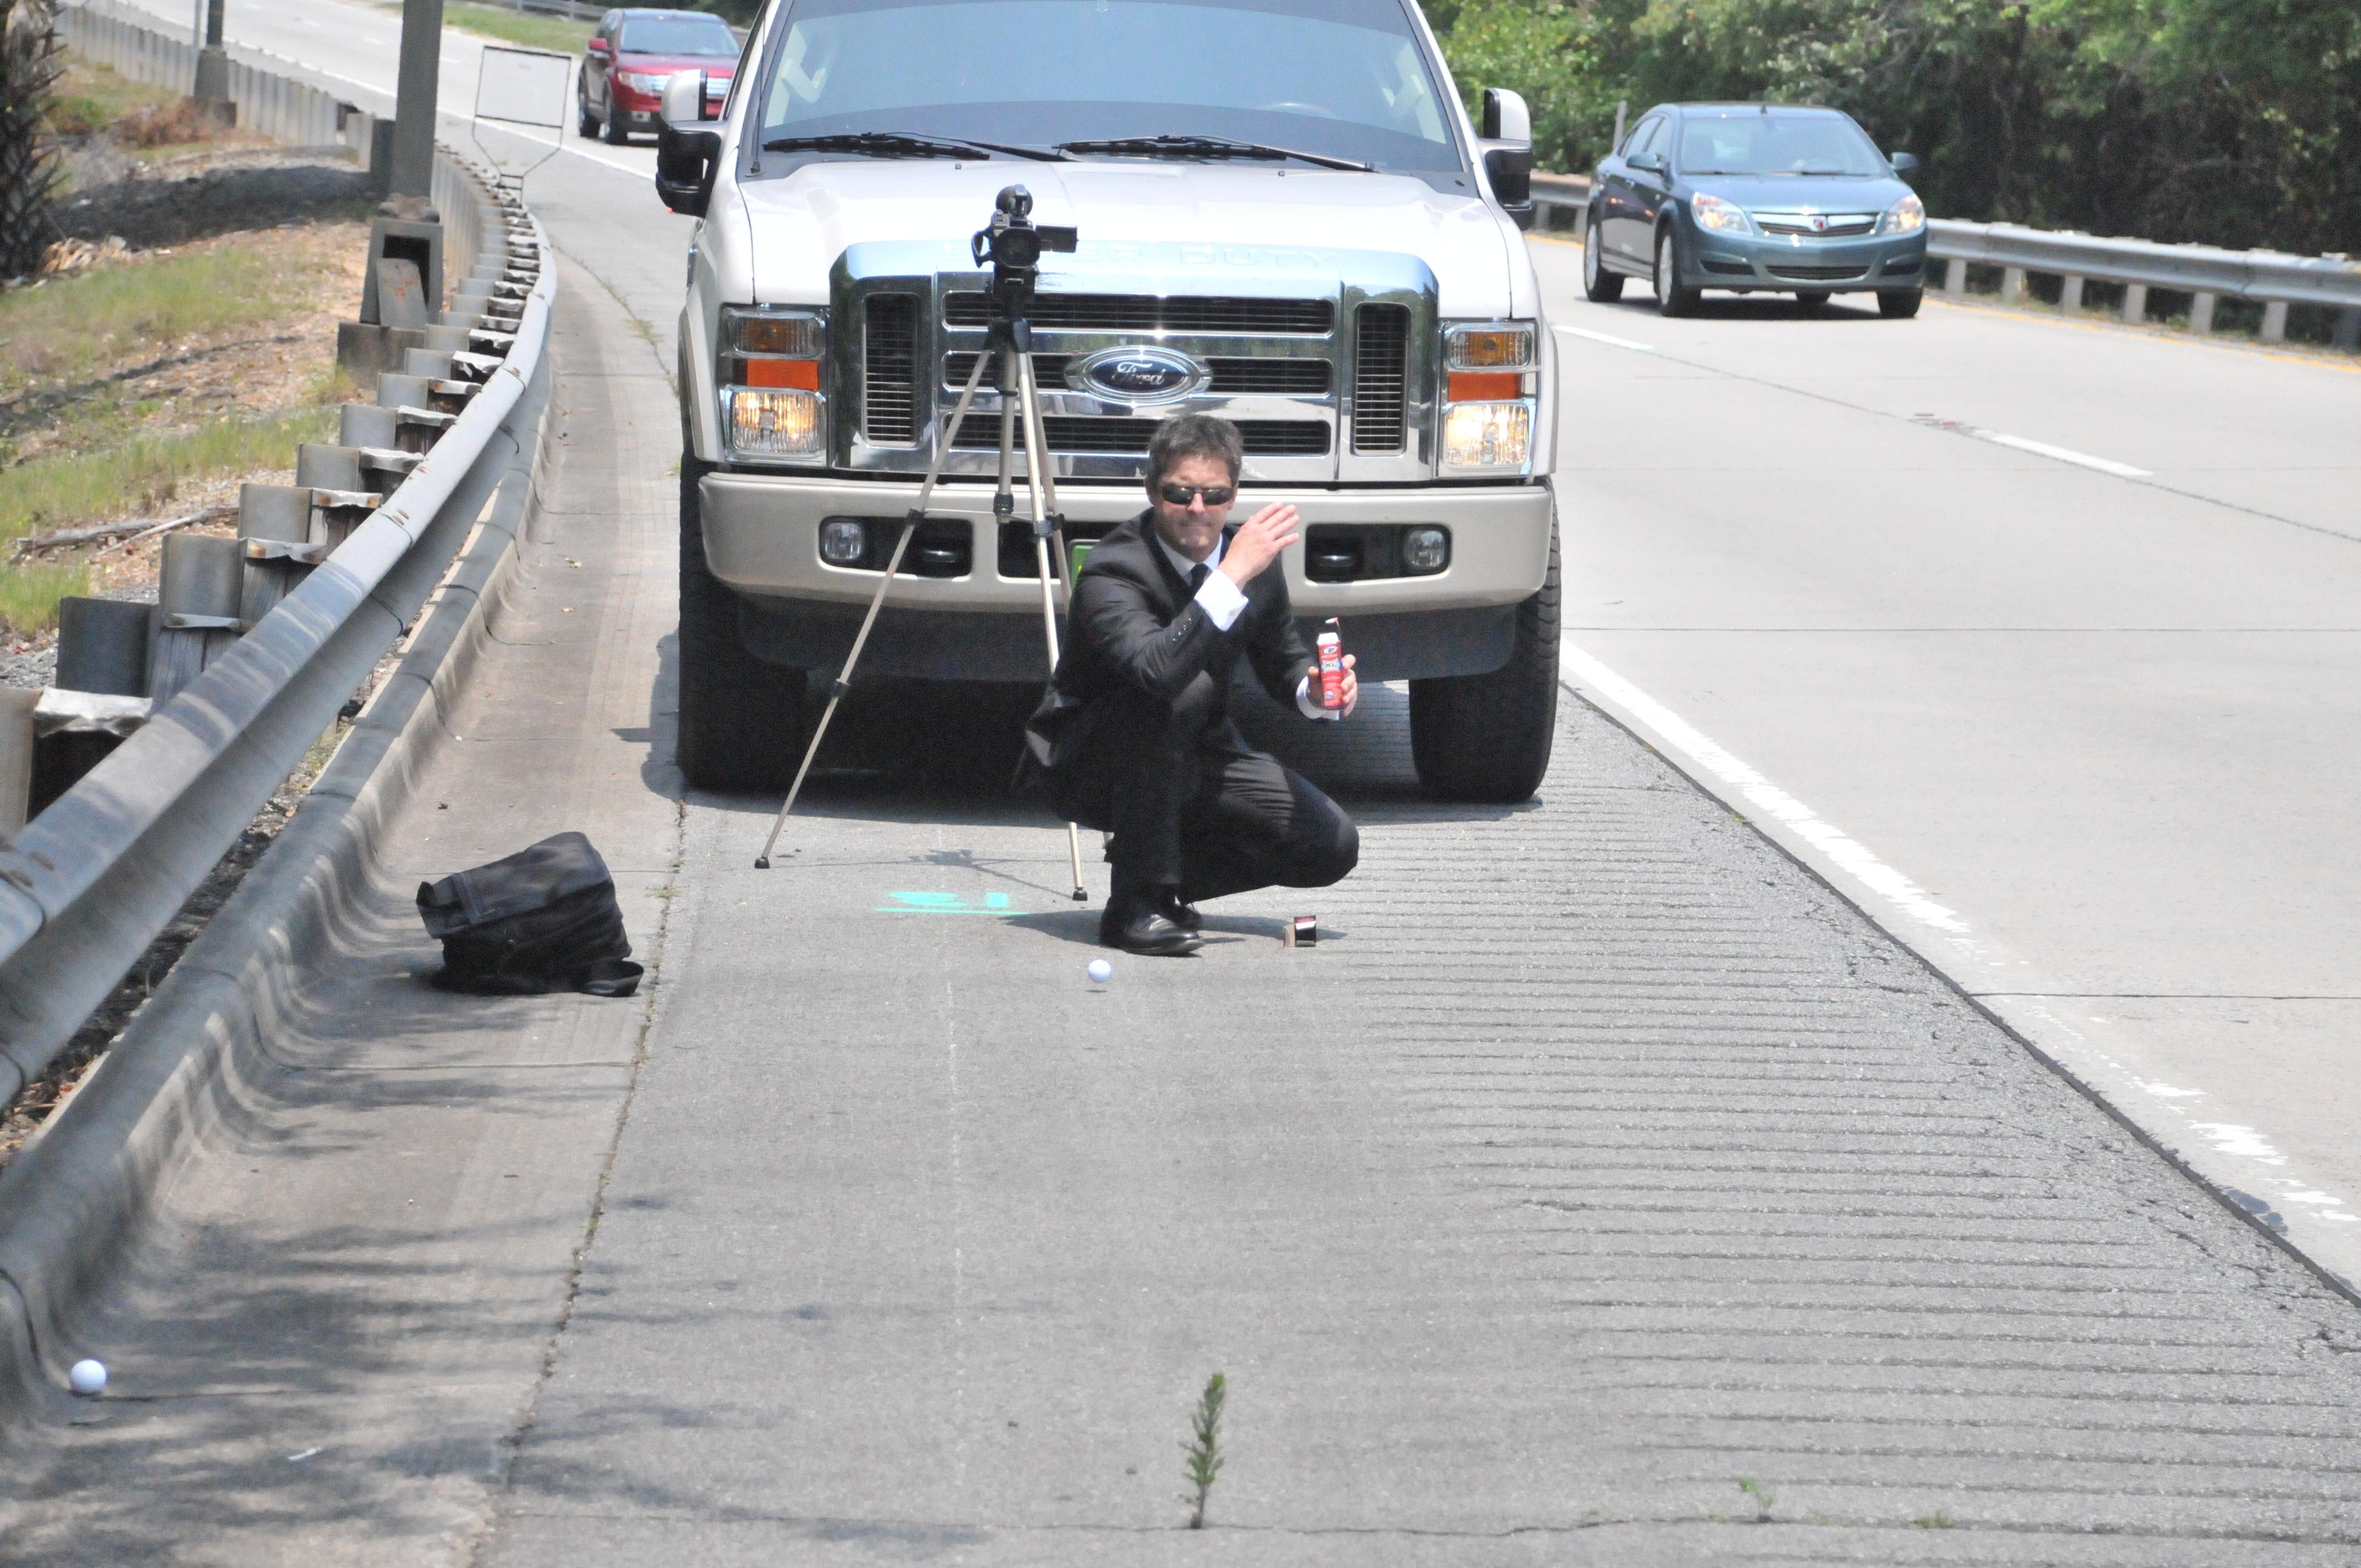 Working - Jason Cerbone, Savannah DUI lawyer rolling golf ball on road - Cerbone DUI Defense